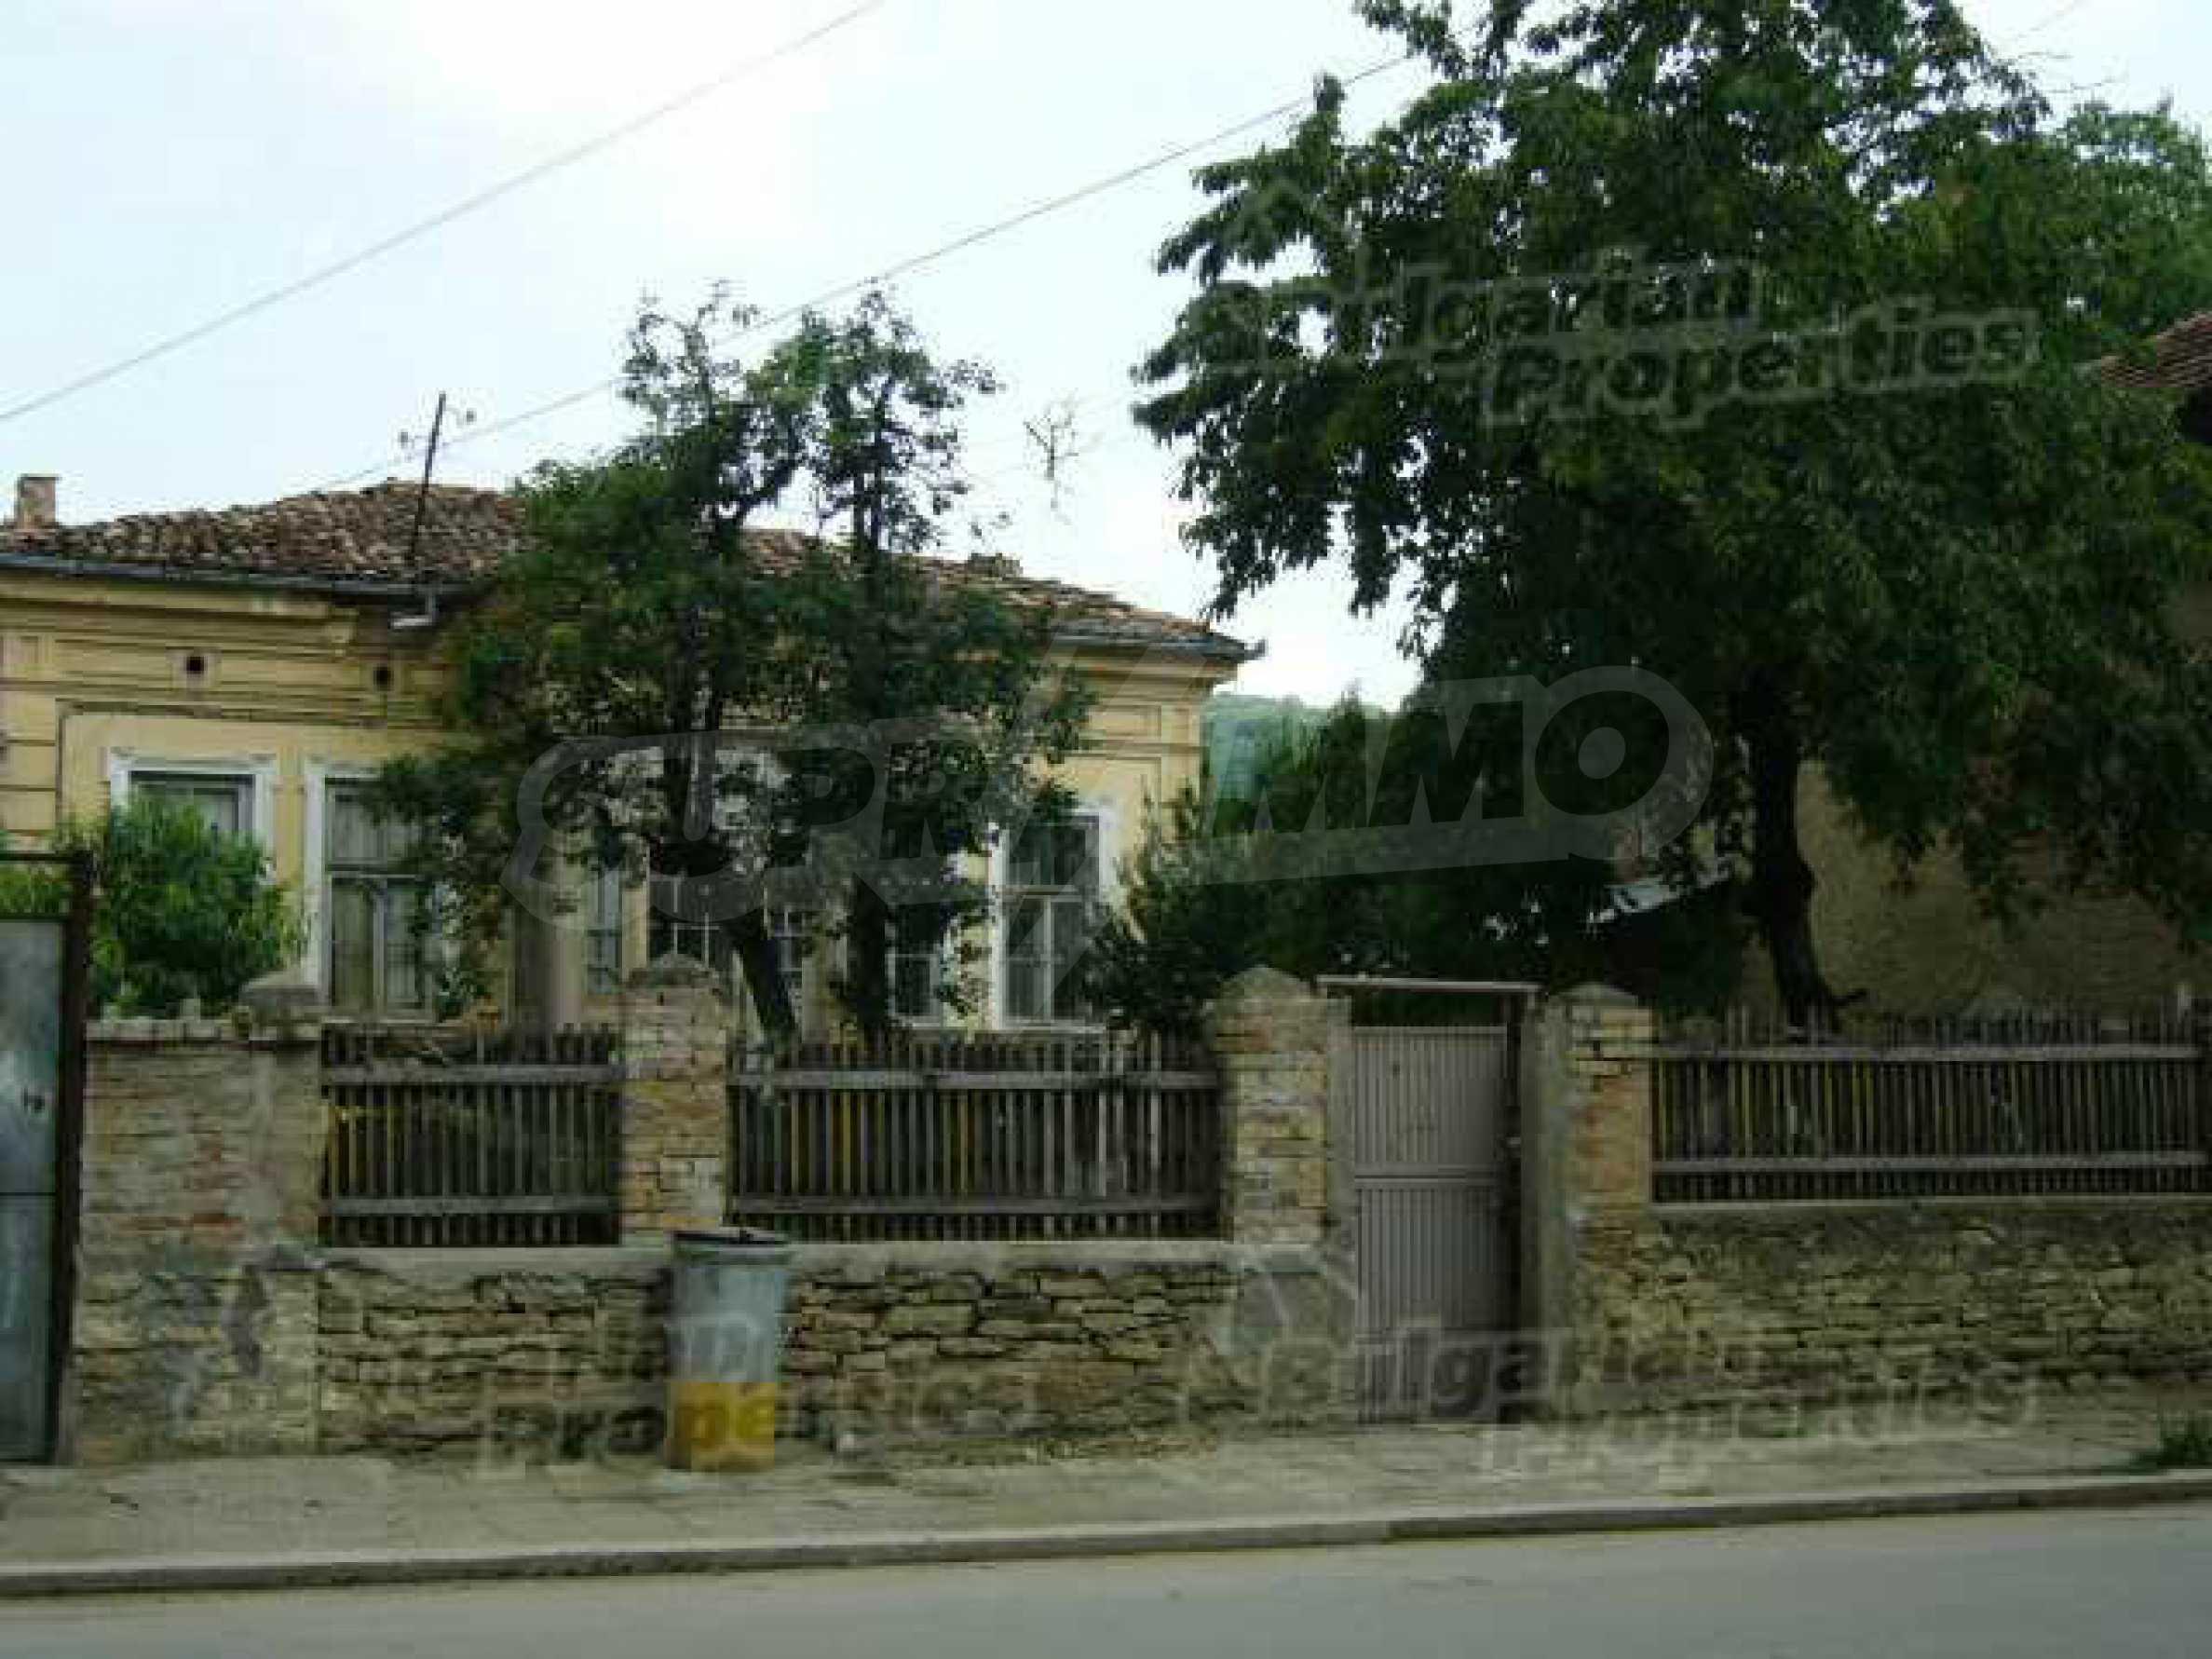 Einstöckiges Haus in einer kleinen Stadt, nur 15 km von Pavlikeni entfernt 3